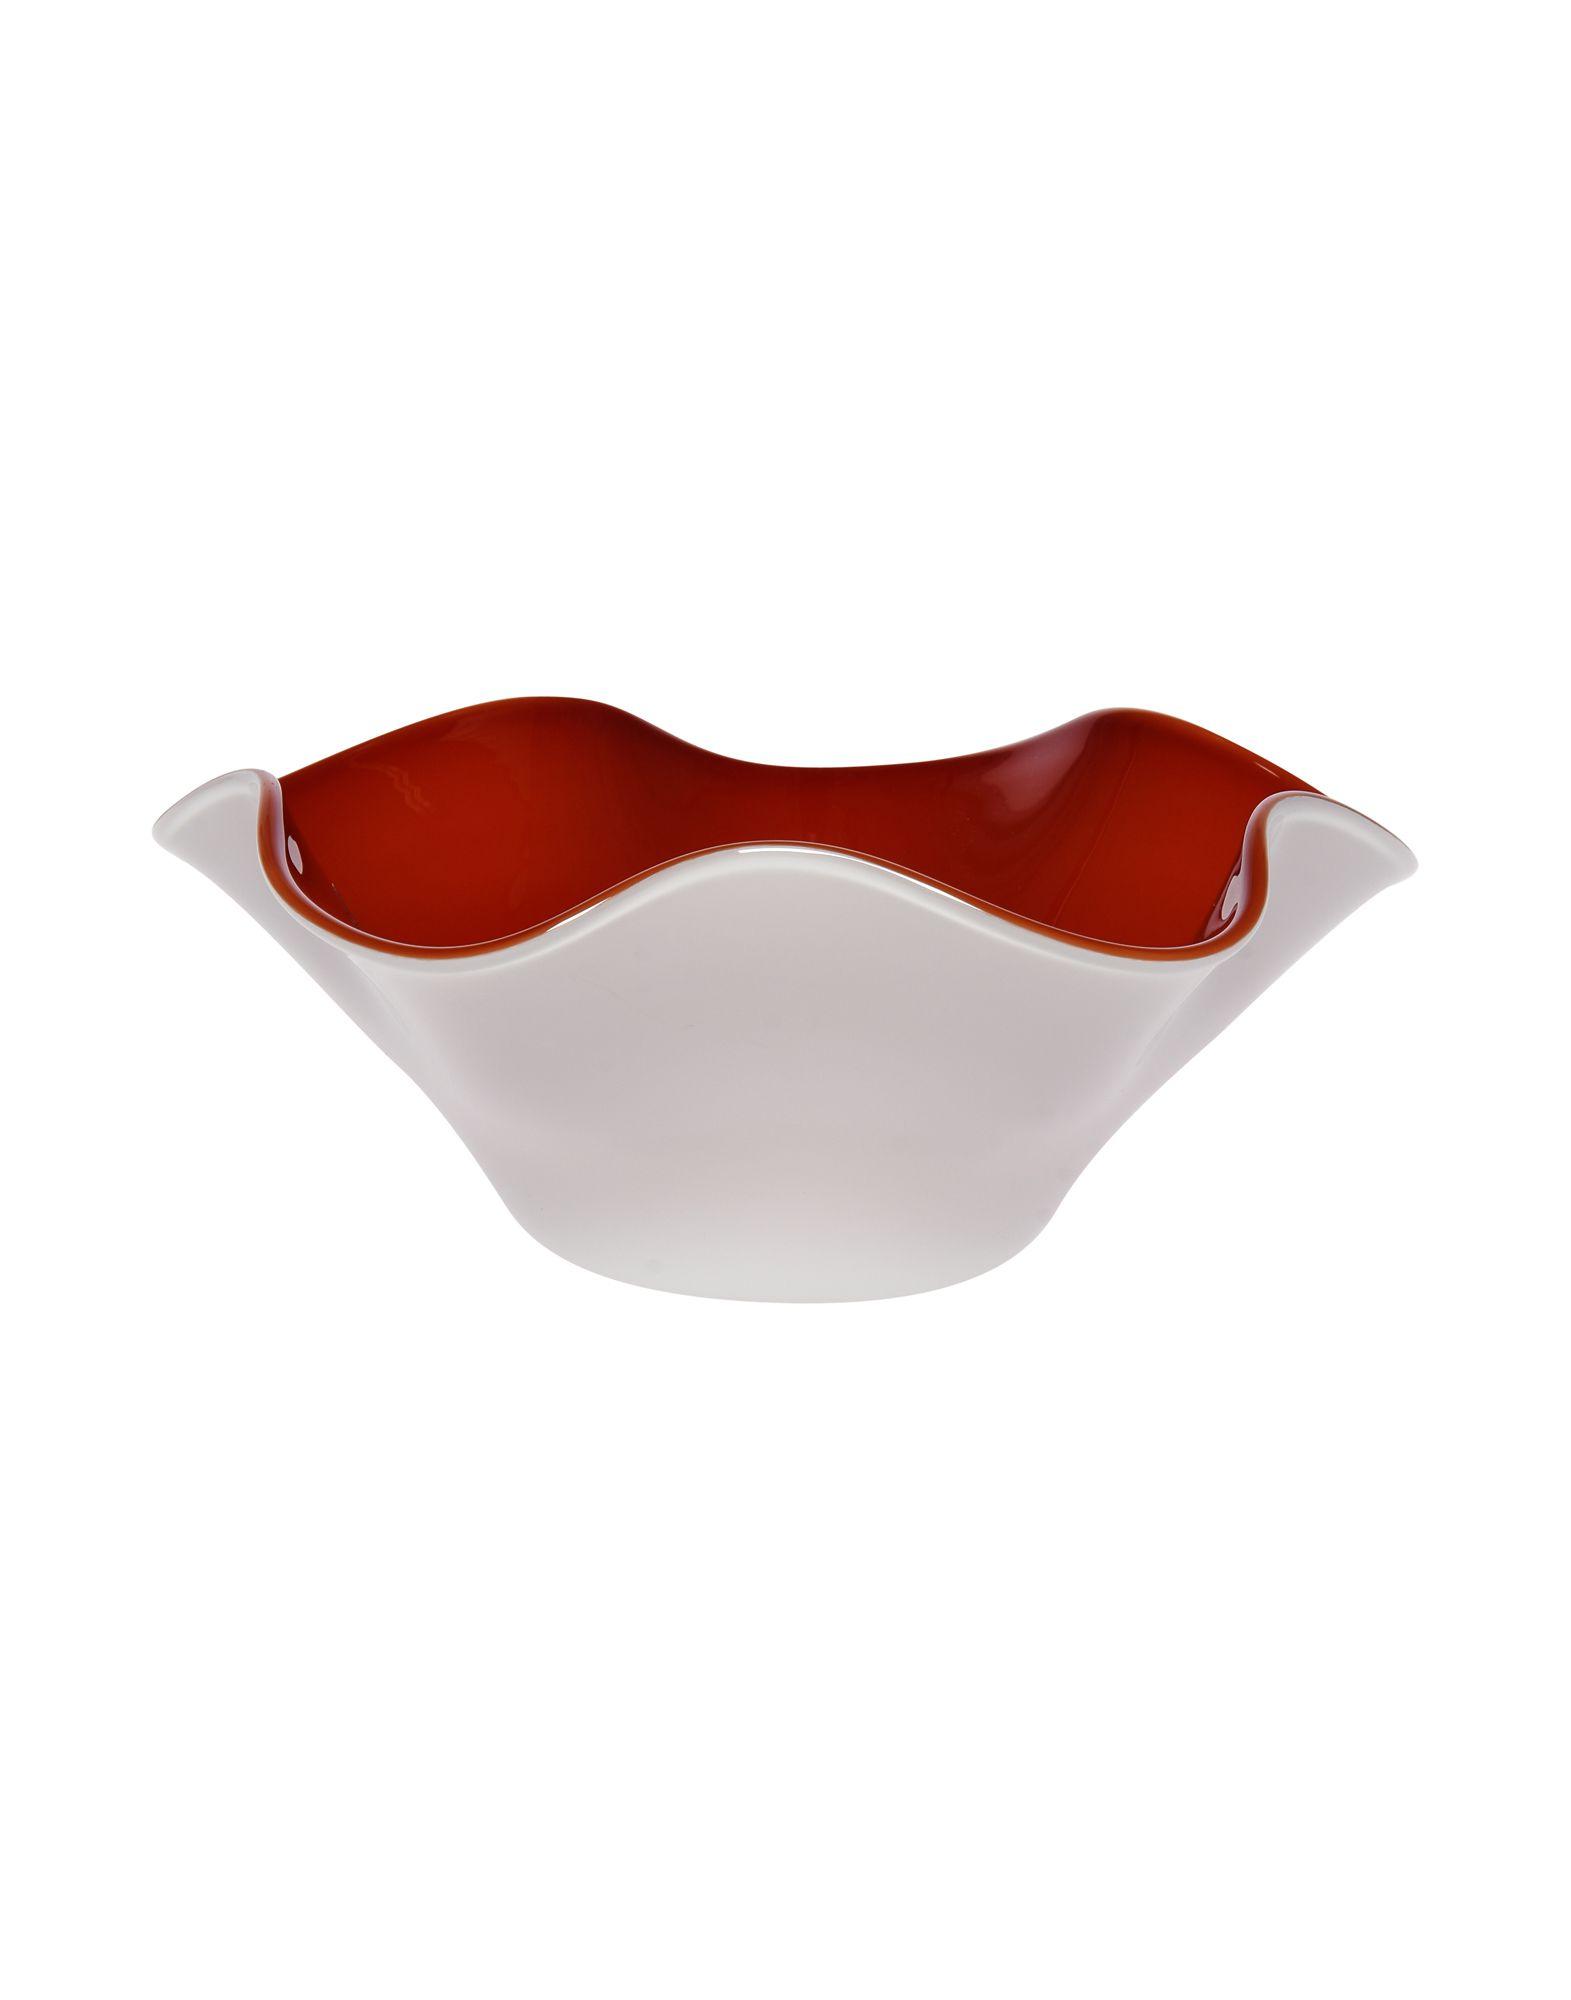 YOOX.COM(ユークス)《セール開催中》VENINI Unisex ベース レンガ ガラス Fazzoletto